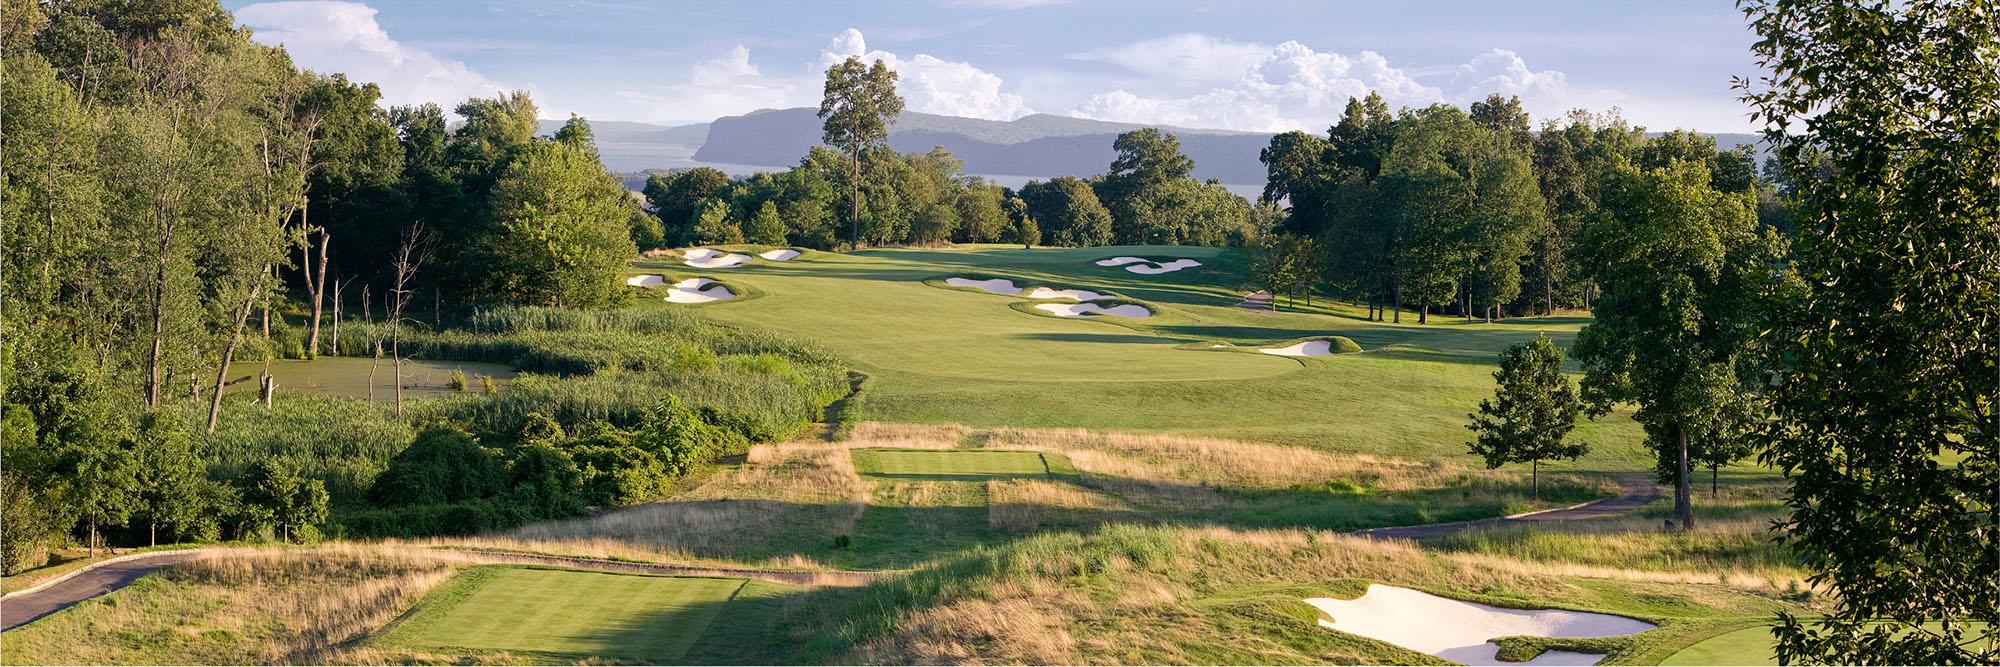 Golf Course Image - Hudson National Golf Club No. 10